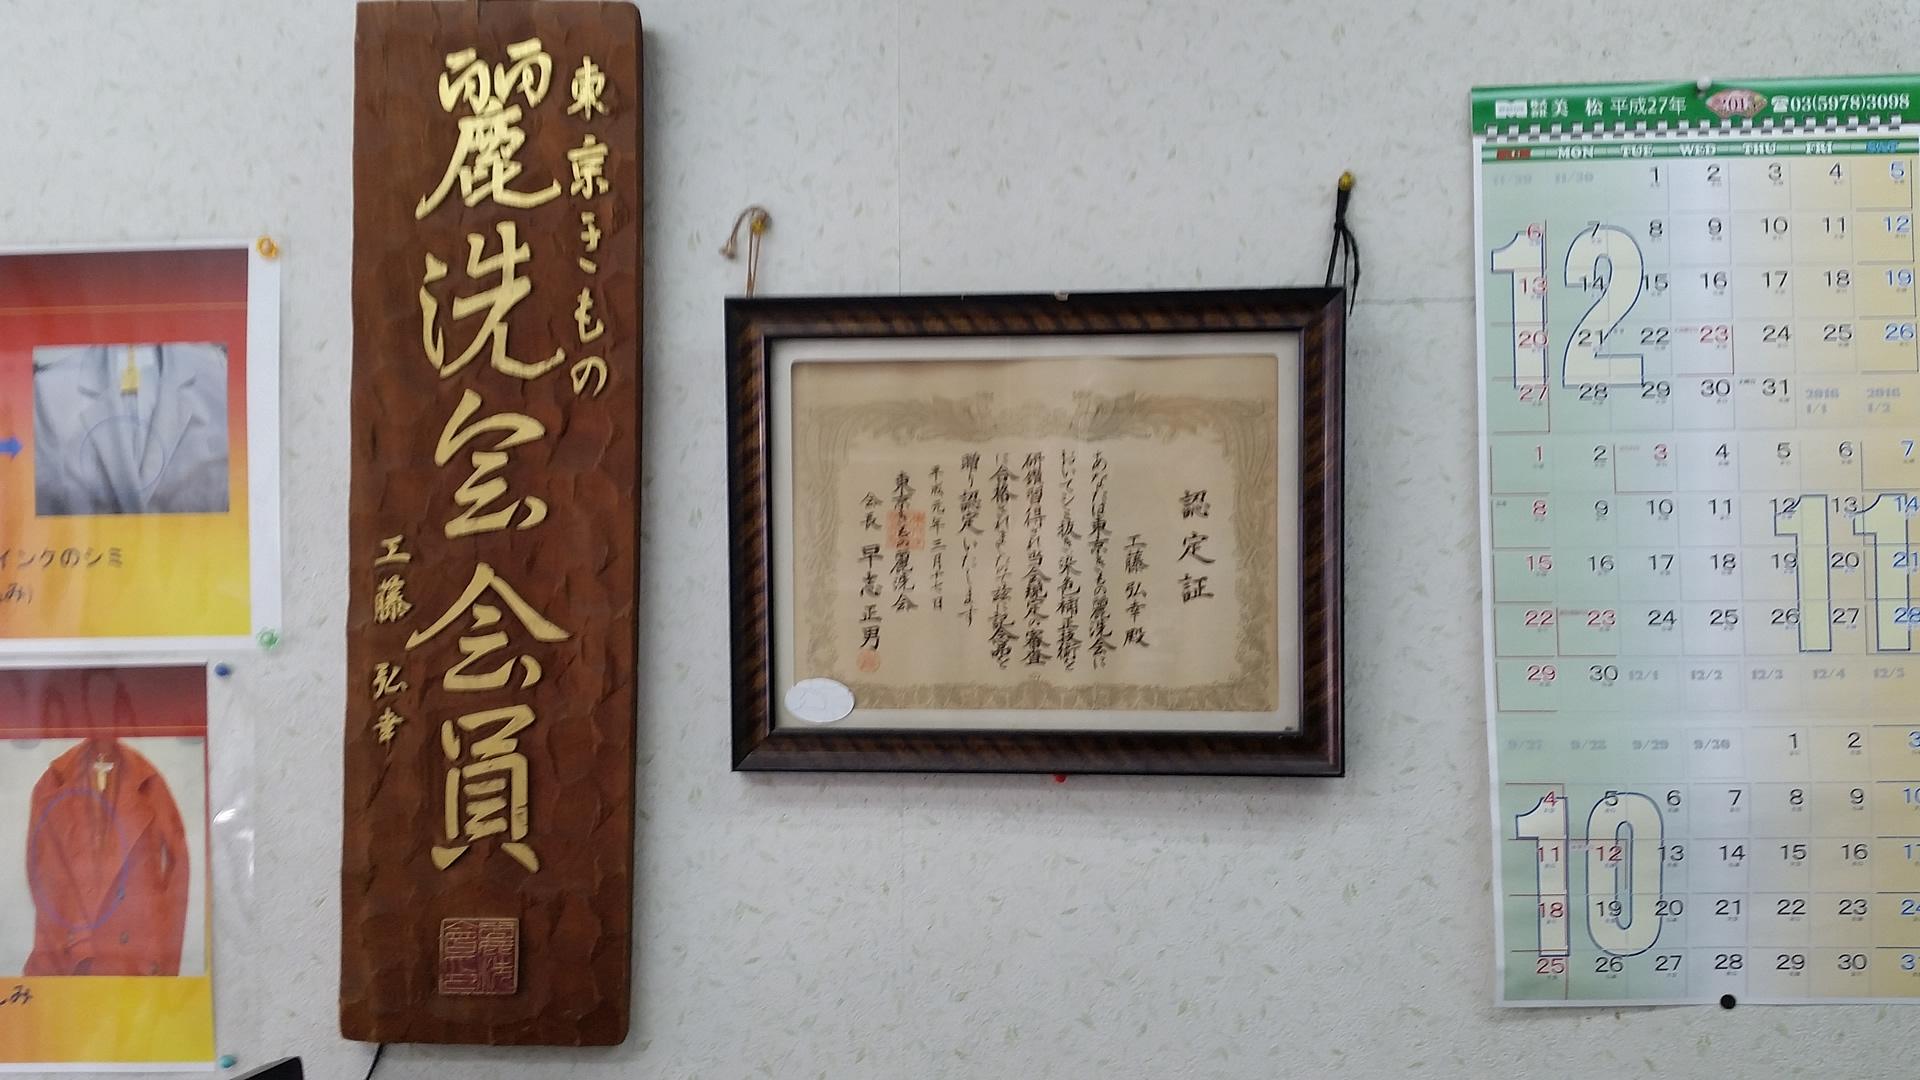 クリーニング 江戸川橋 クリーニングショップFiveA 認定証